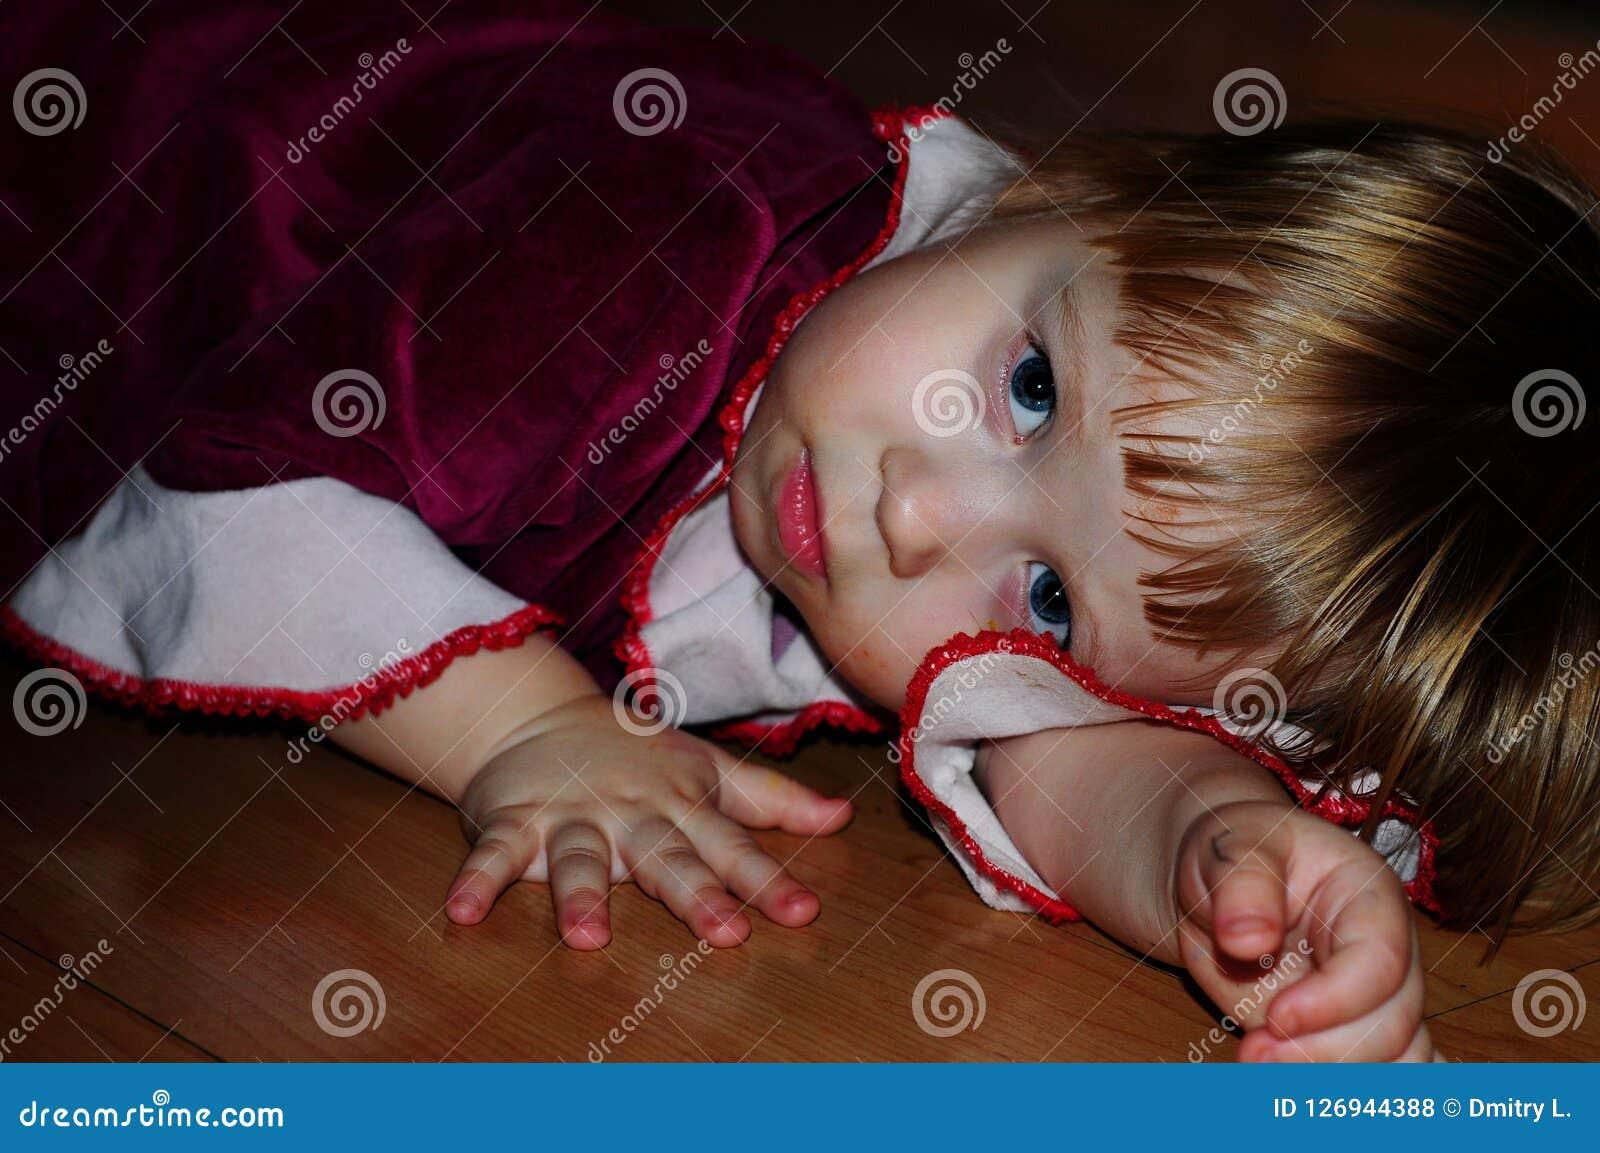 Little girl posing for photographer